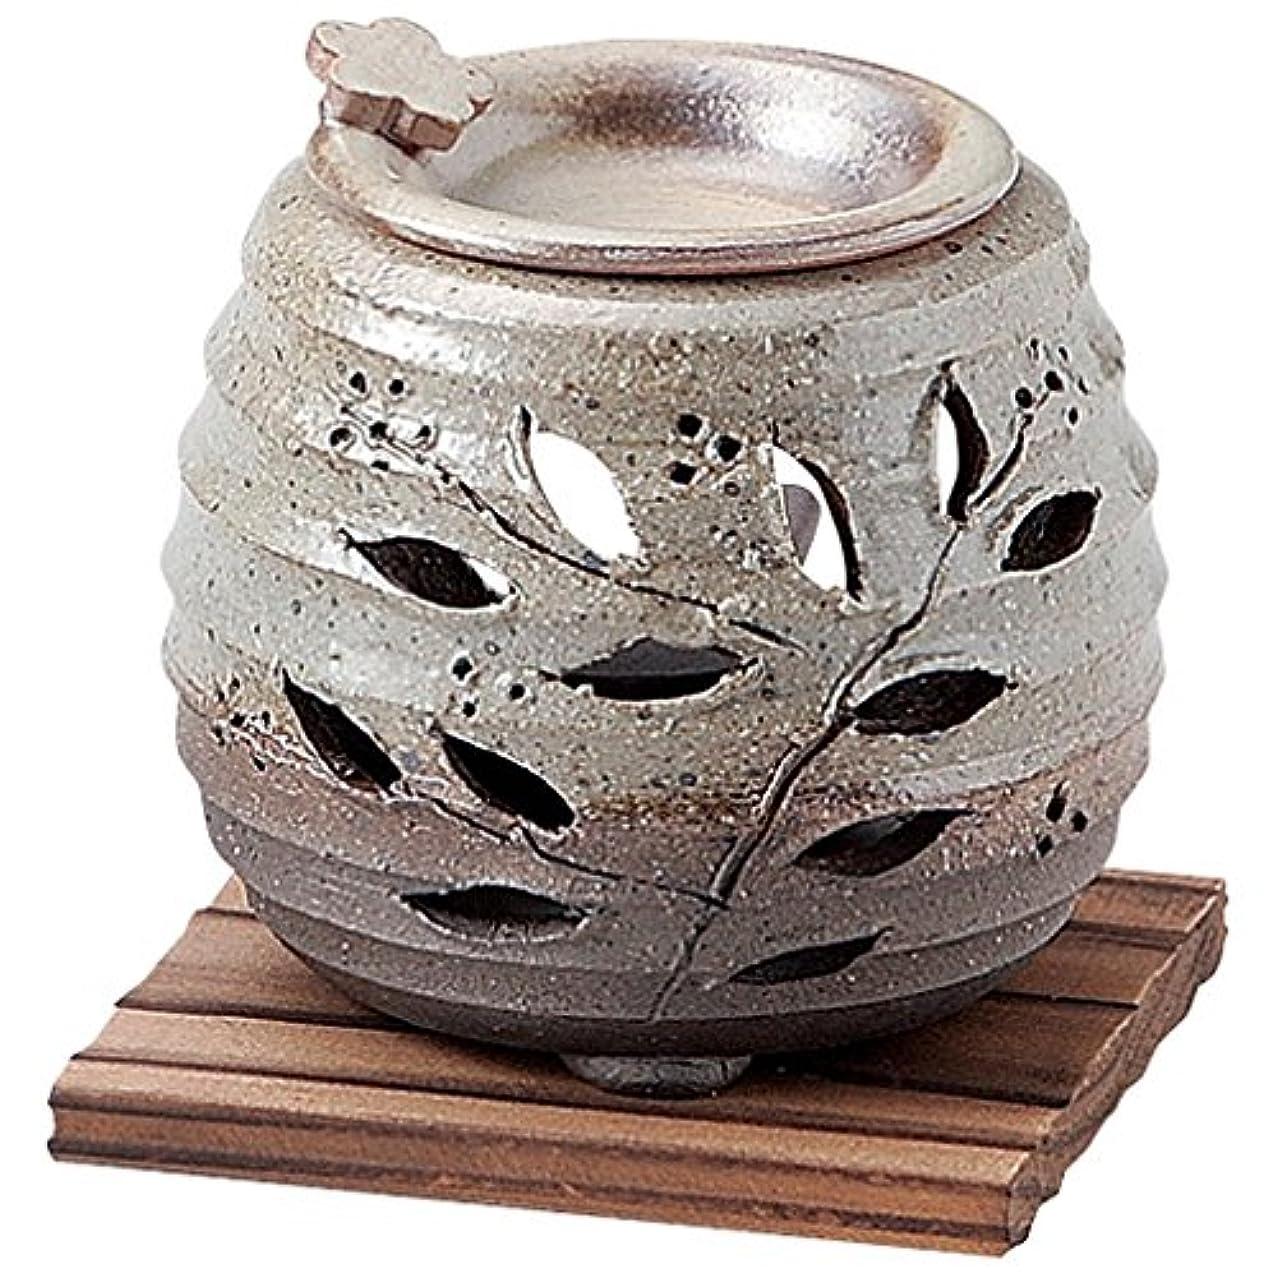 不誠実六ネックレット山下工芸 常滑焼 石龍緑灰釉花茶香炉 板付 10.5×11×11cm 13045750